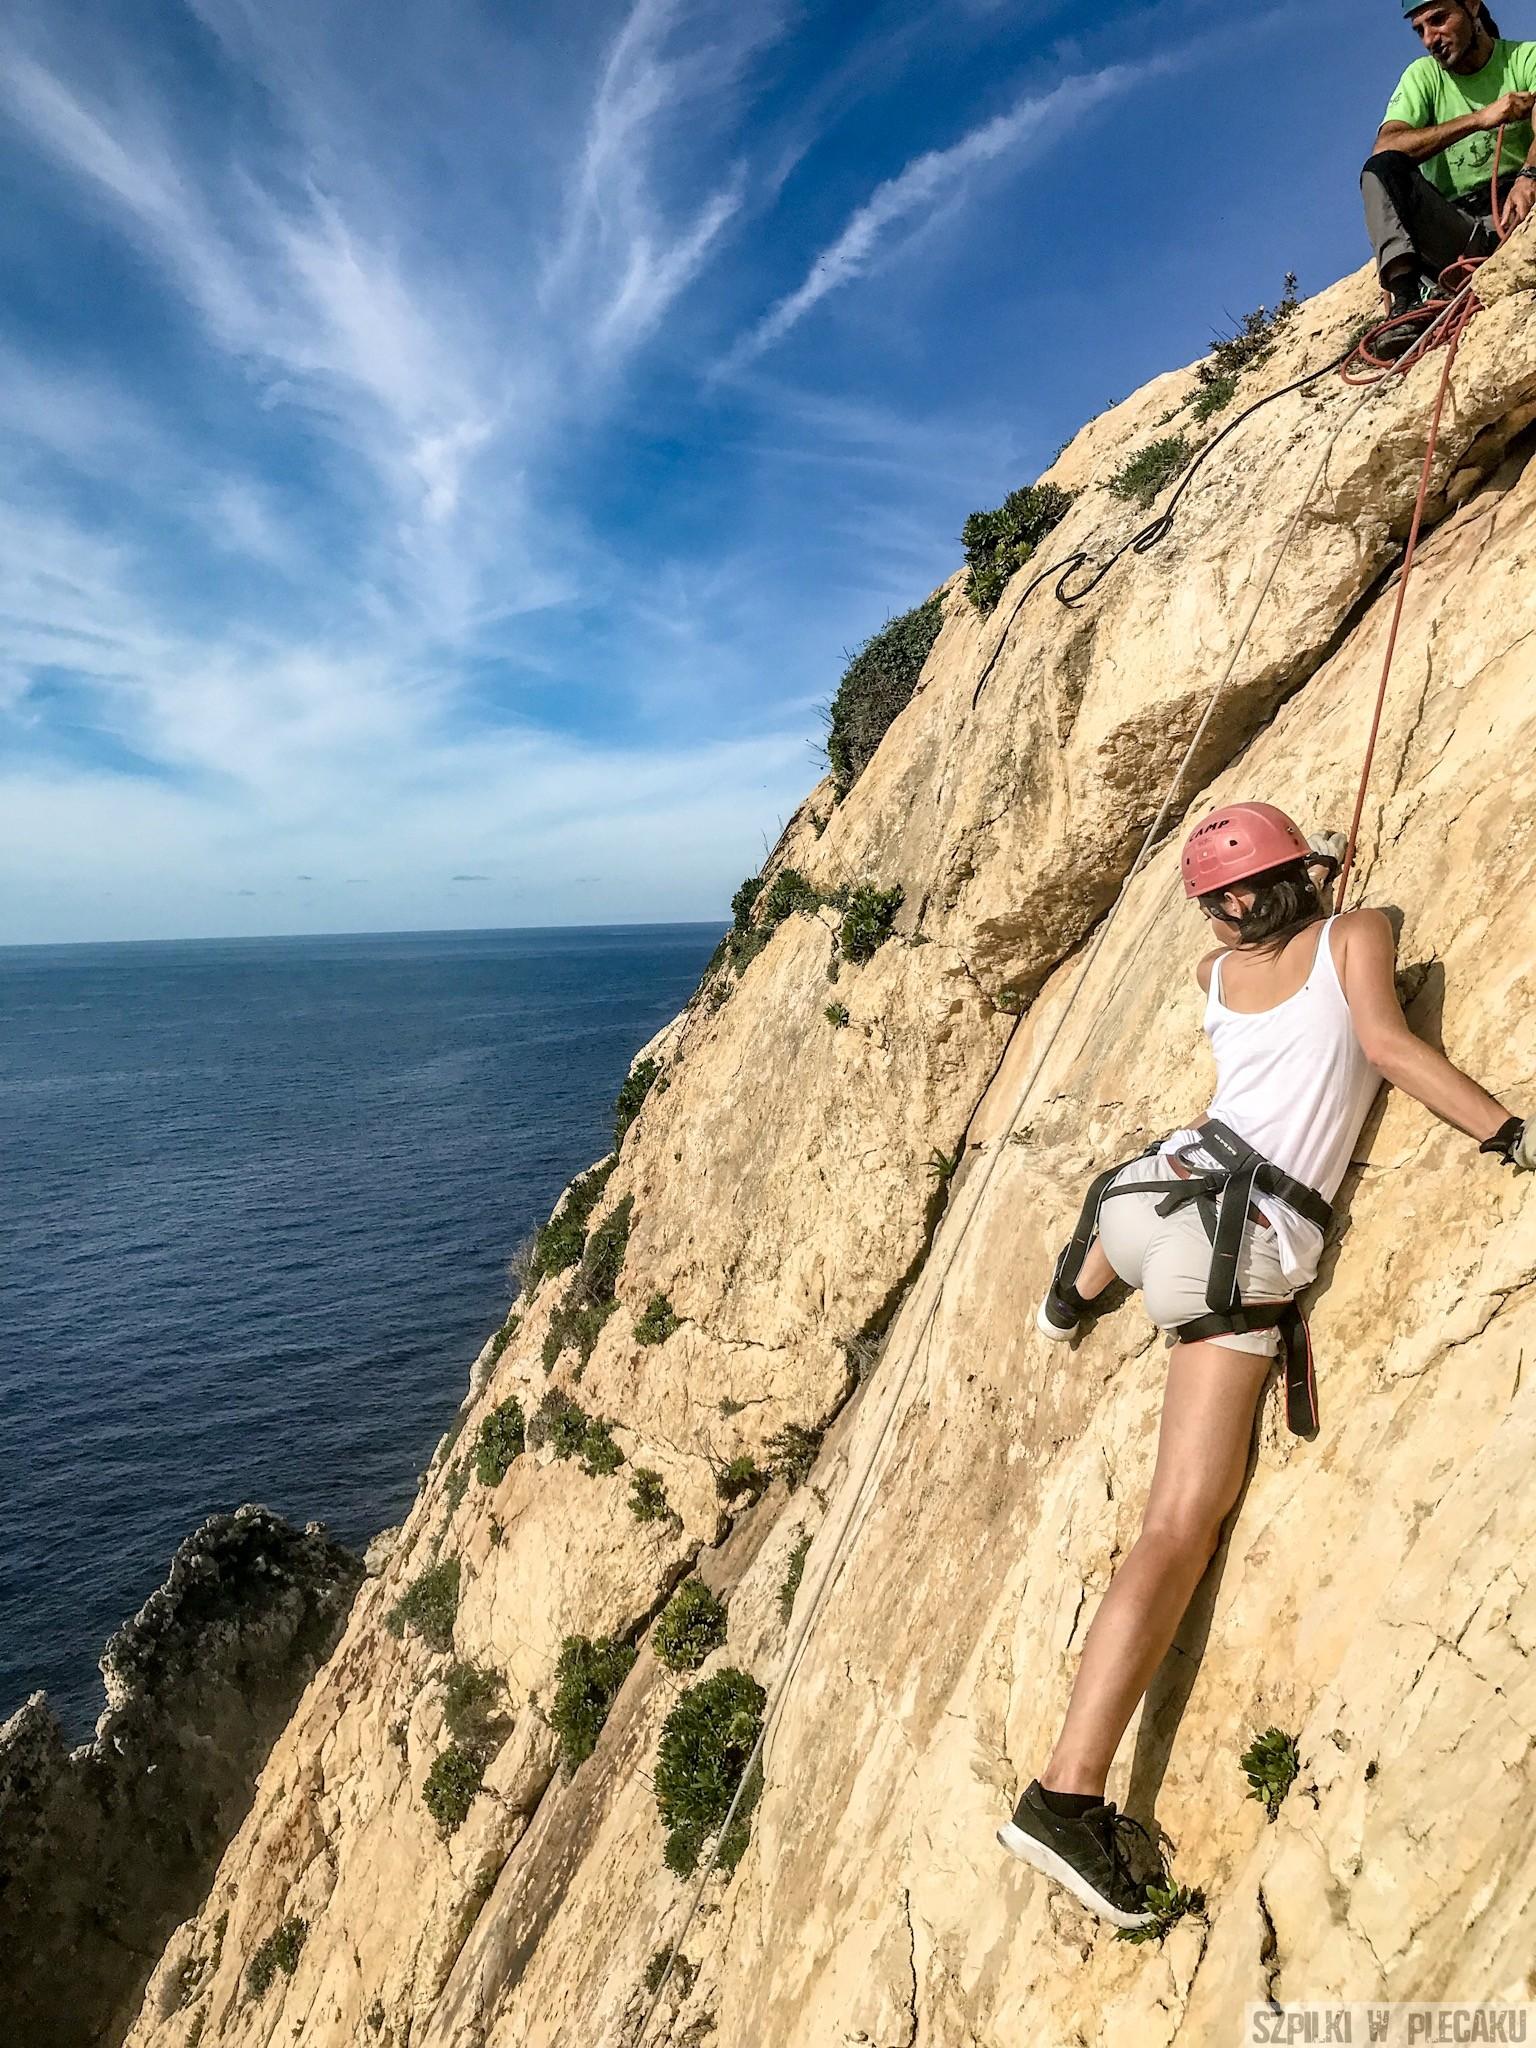 wspinaczka Xaqqa cliffs 1